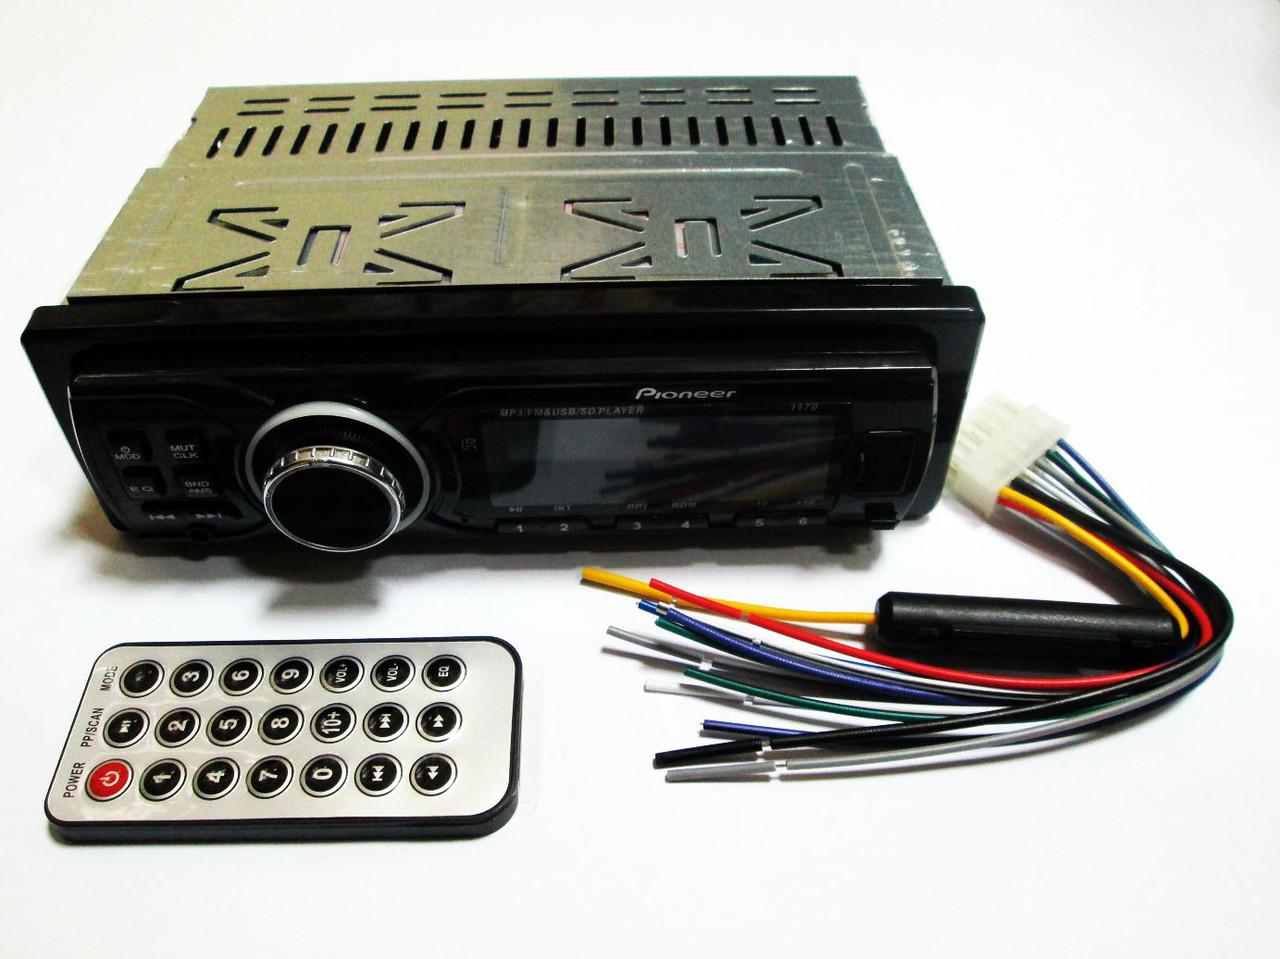 Автомагнитола Pioneer 1170 ISO  MP3+FM+USB+SD+AUX+съемная панель